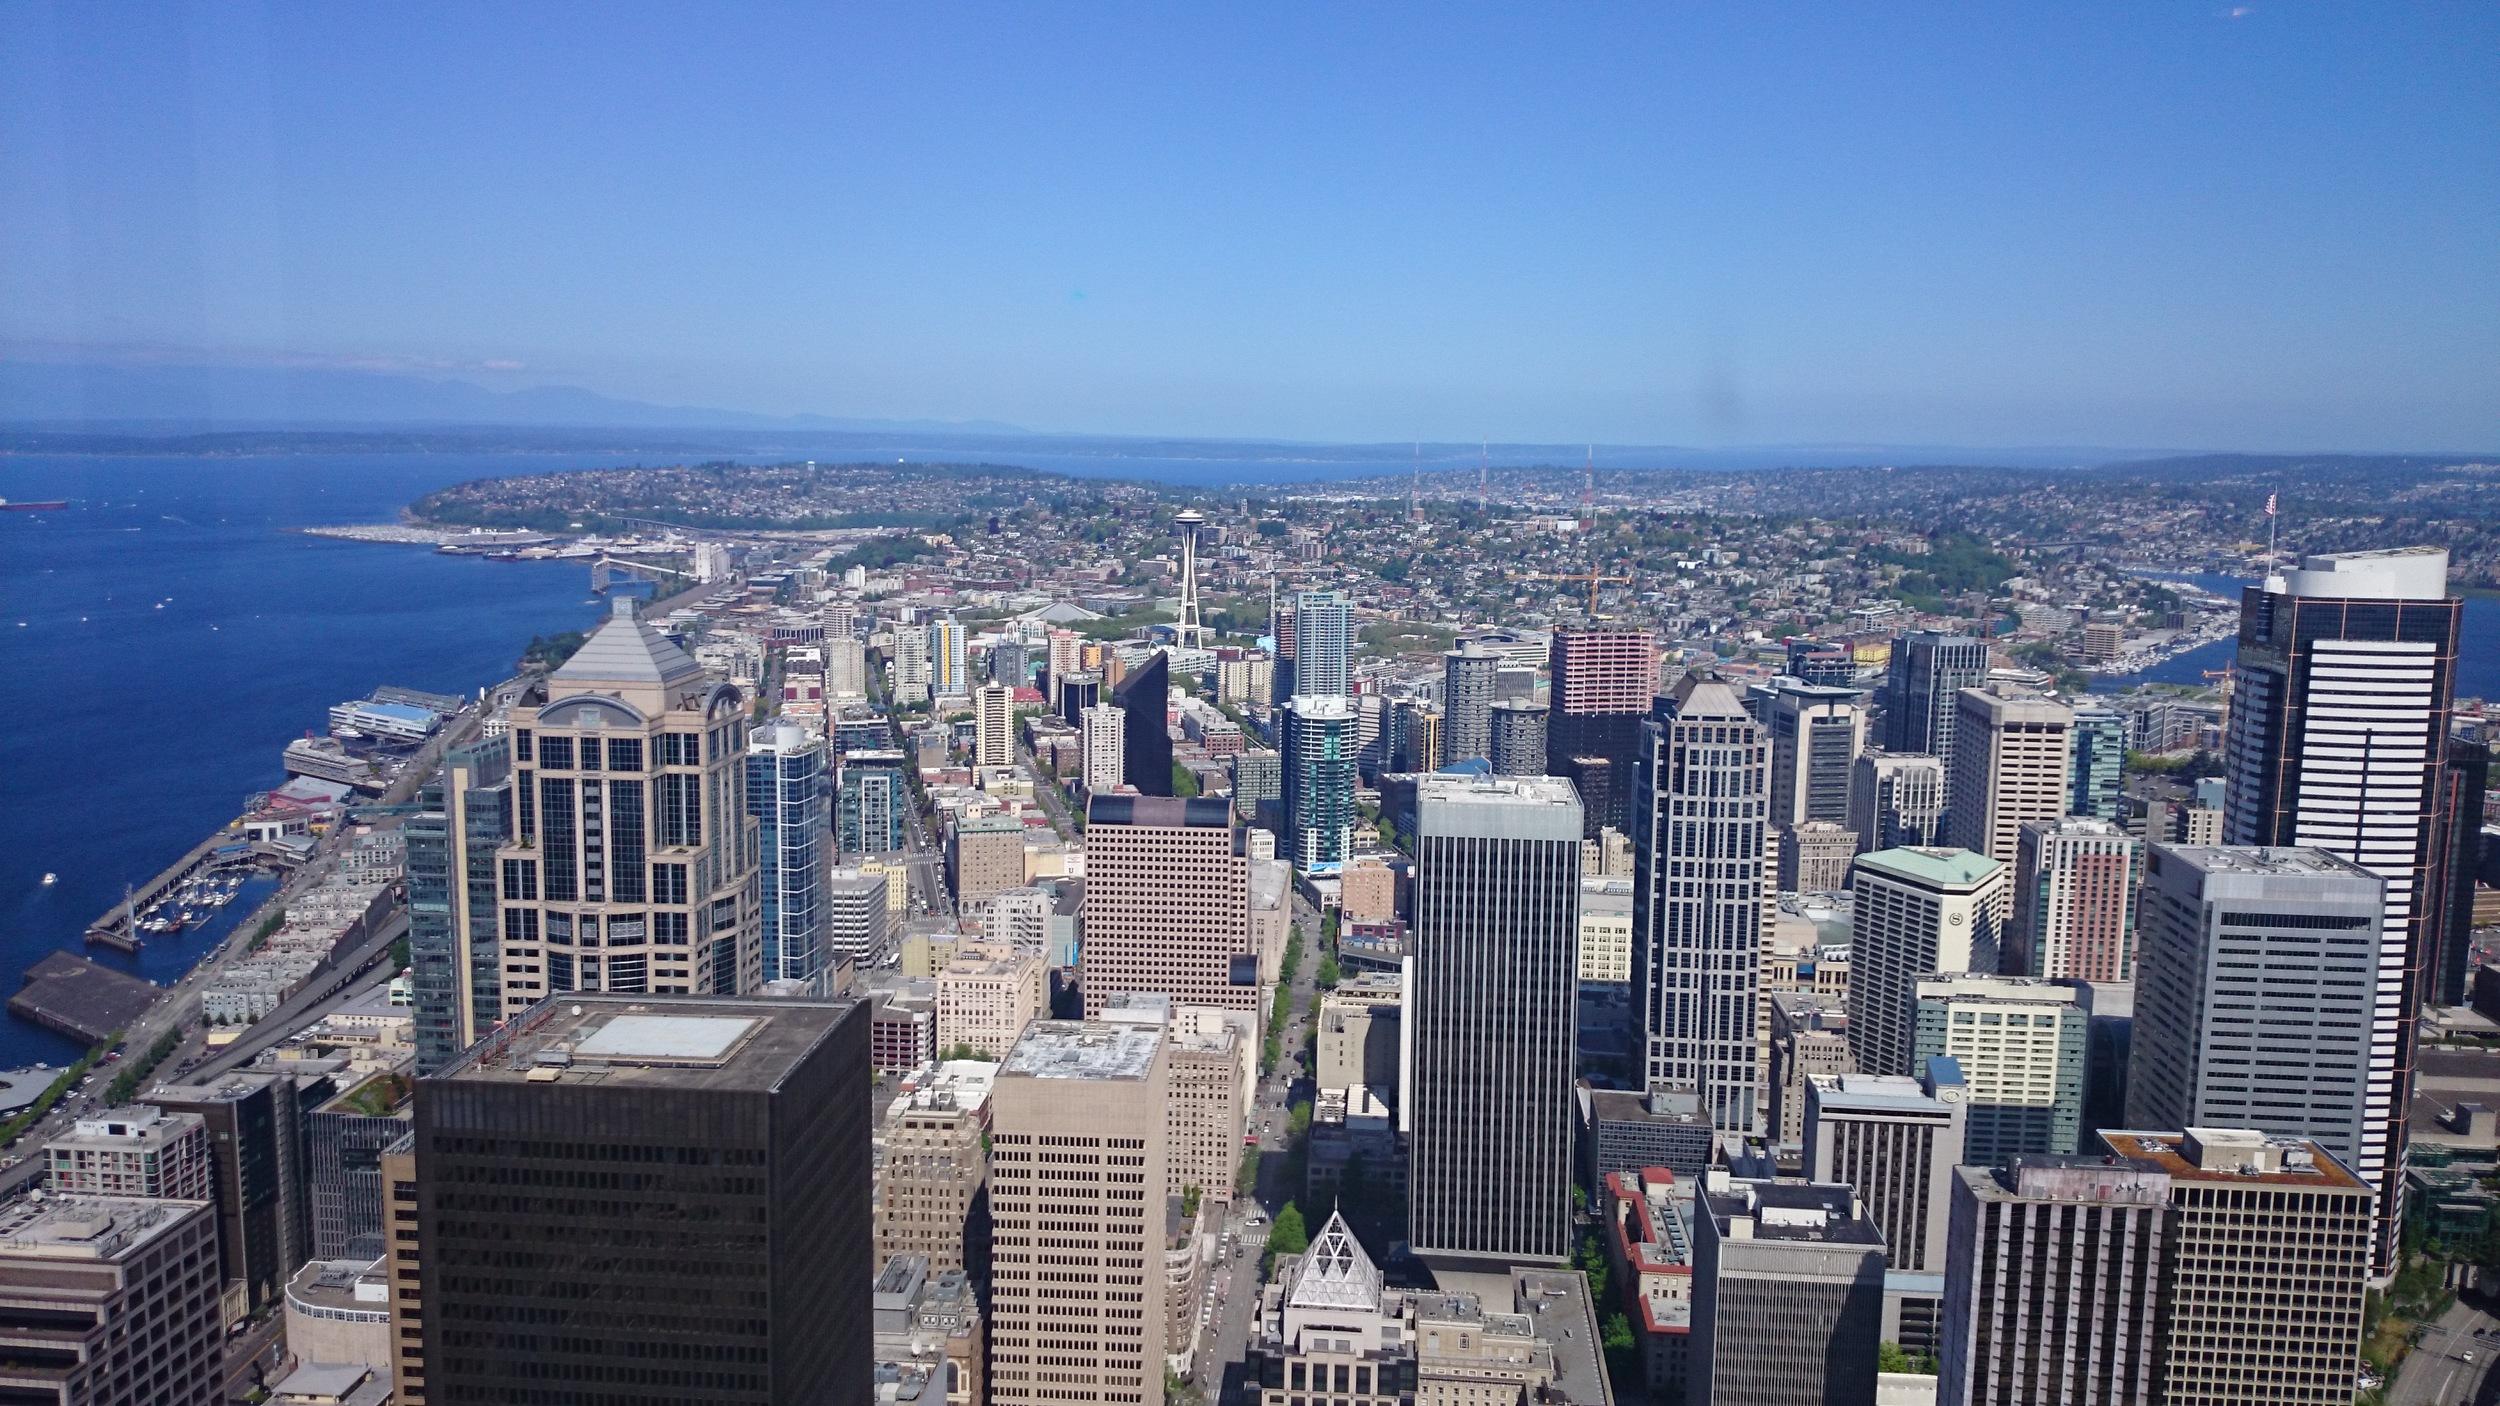 OARSI kongressen ble avholdt i Seattle i USA 30.4 - 3.5/2015. Det var travle dager, men det ble likevel litt tid til sightseeing. Dette bildet er tatt fra Columbia Center som erdet høyeste tårnet i Seattle. www.forskerlivet.no